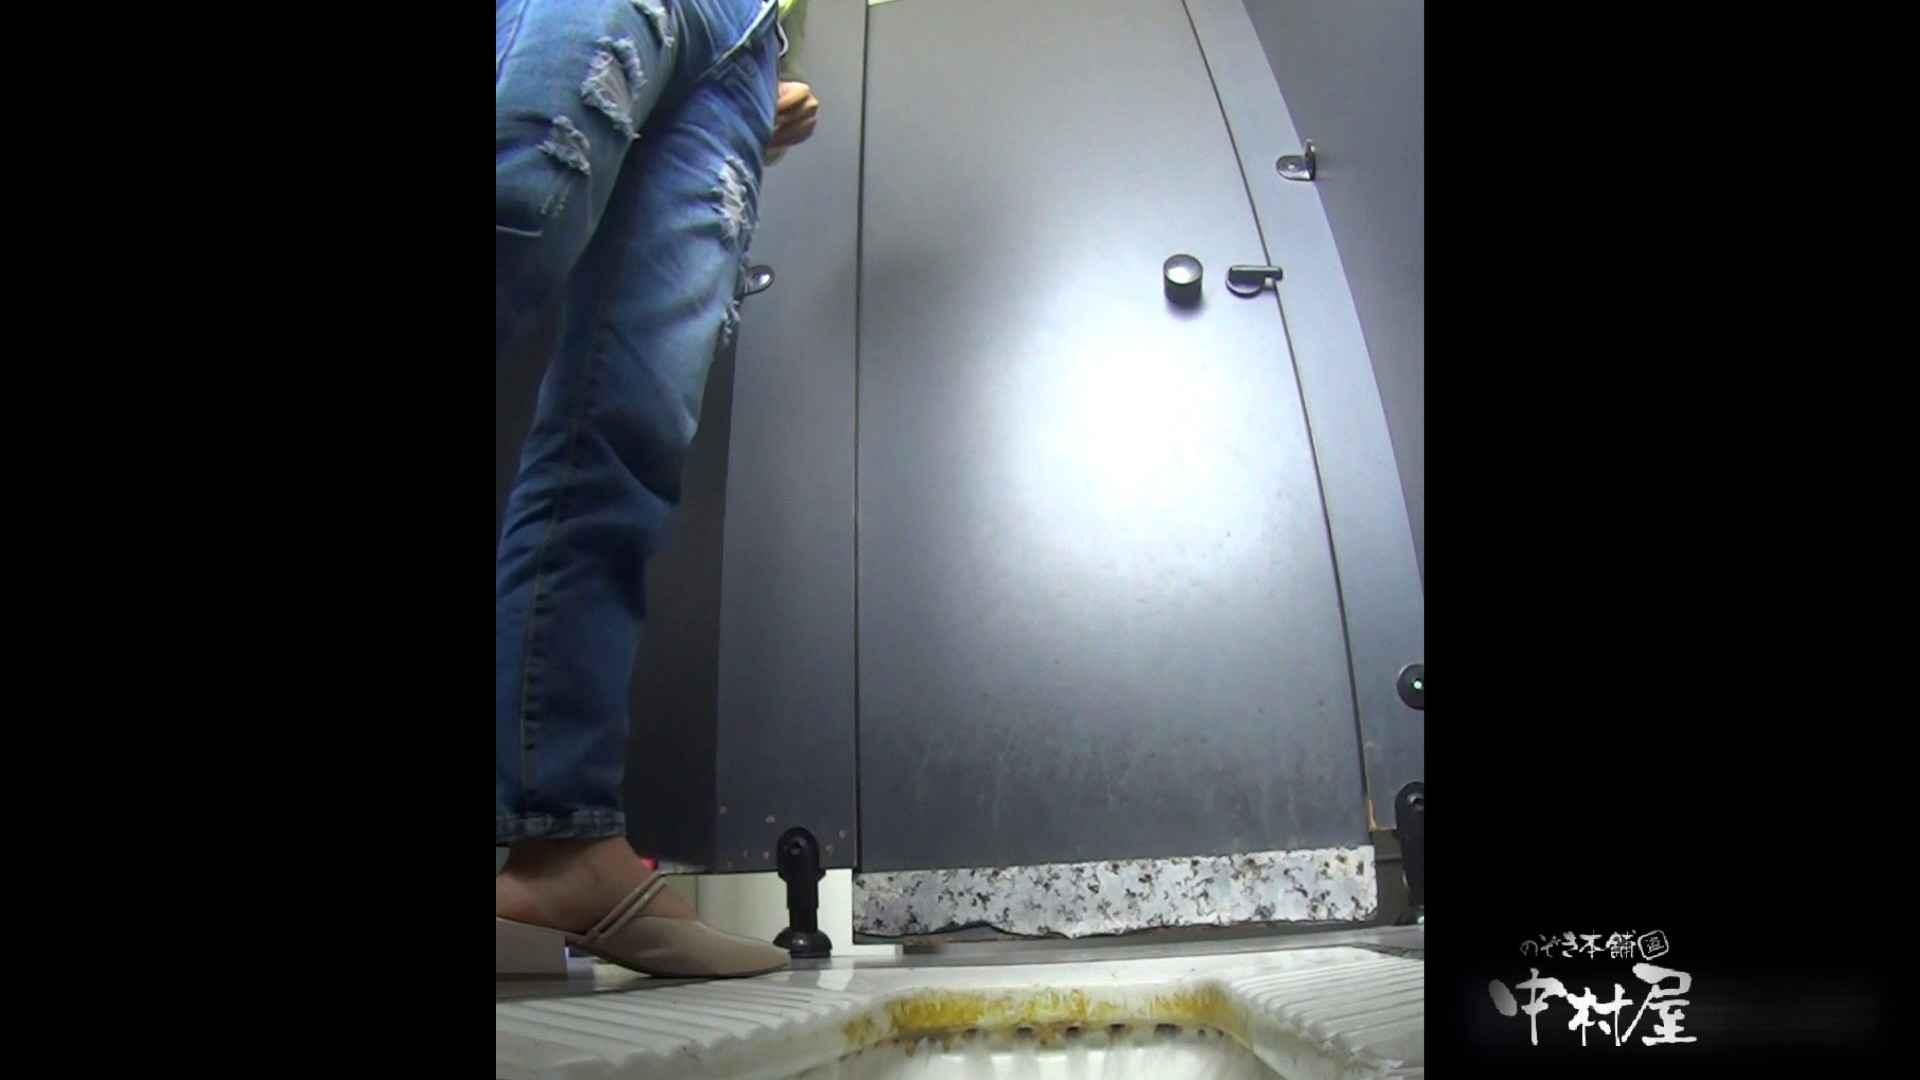 高画質で見る美女達の洗面所 大学休憩時間の洗面所事情14 乙女のエロ動画  107PIX 24